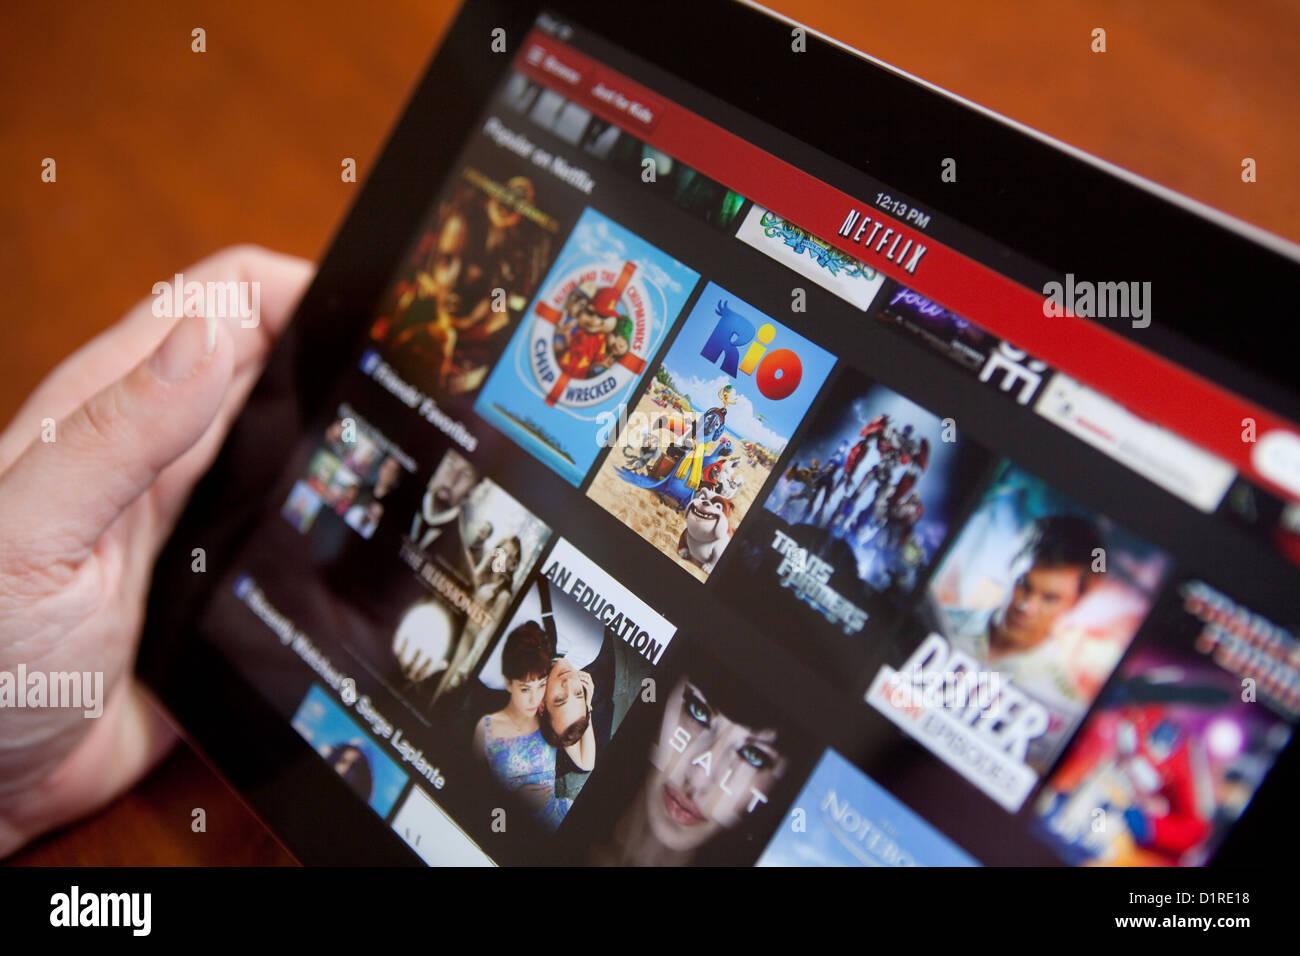 Une femme utilise l'app Netflix sur un iPad 4. Netflix, Inc. est un fournisseur américain de services sur Photo Stock